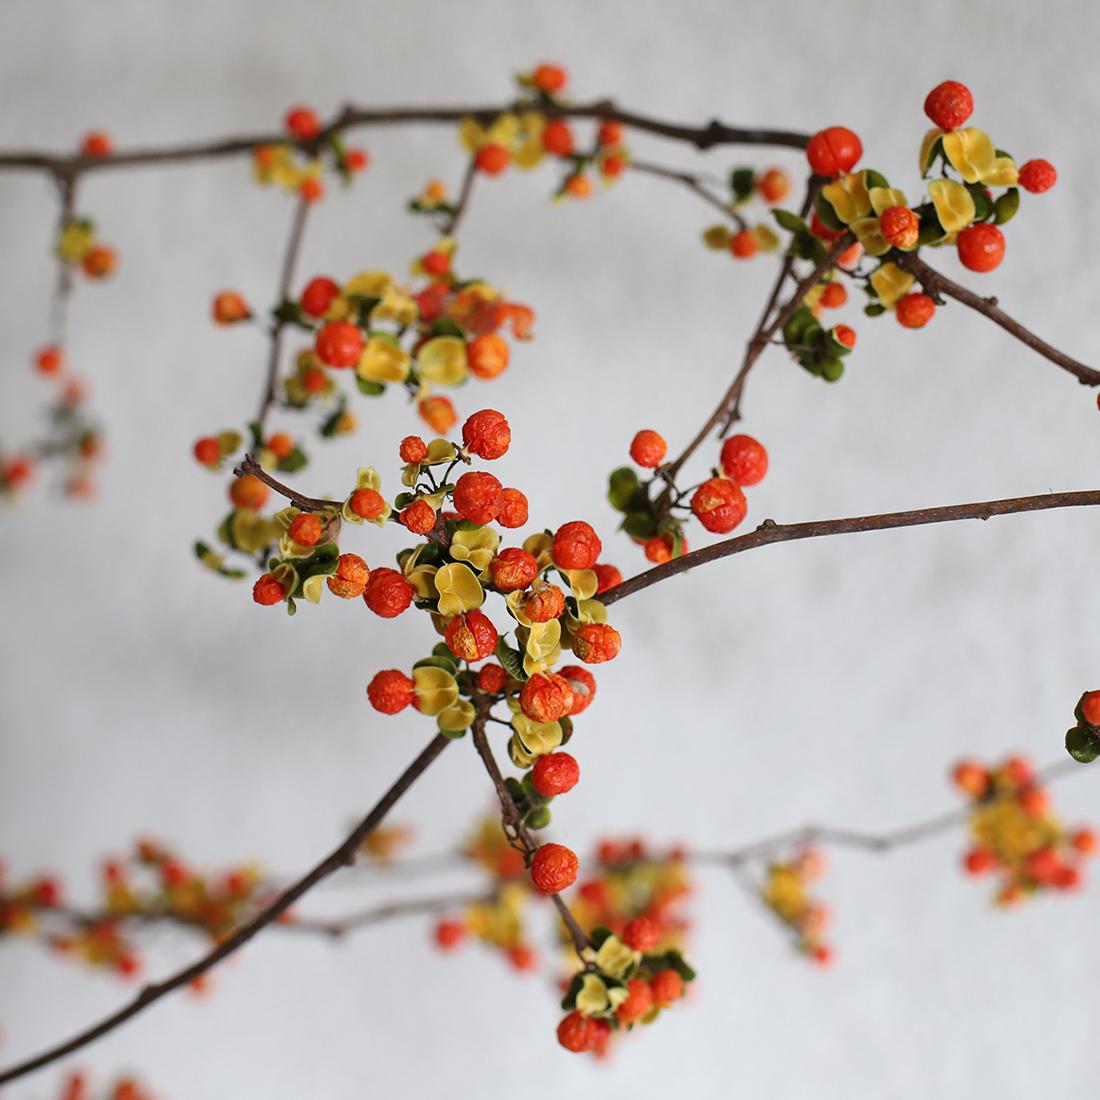 黄色の殻と、オレンジ色の丸い果実が特徴。和風なお部屋はもちろんのこと、あえて和食器のような花器に入れることで、洋室でもしっくりと飾ることができるでしょう。